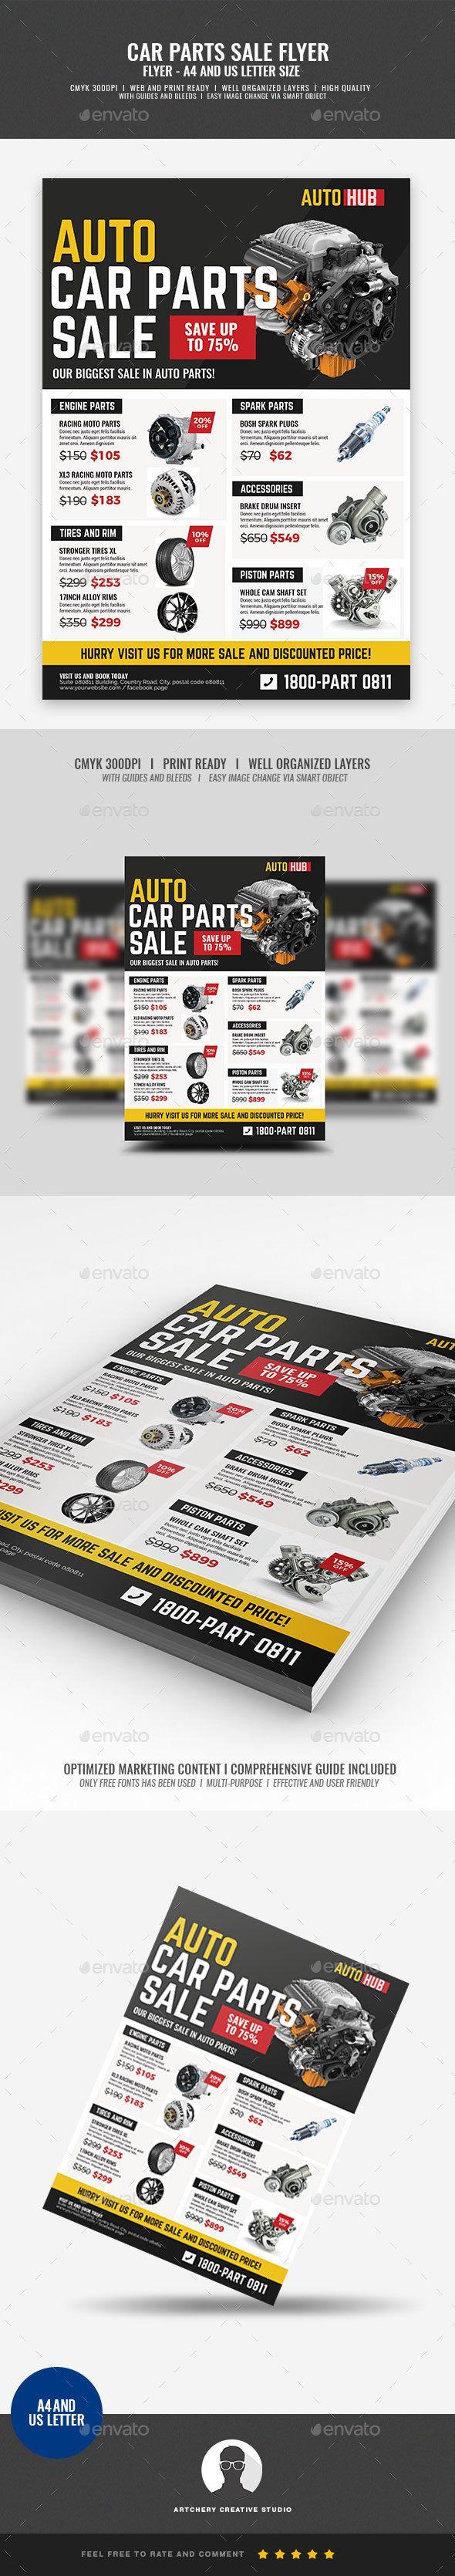 Car Parts Shop Promo Sale Flyer - #Corporate #Flyers